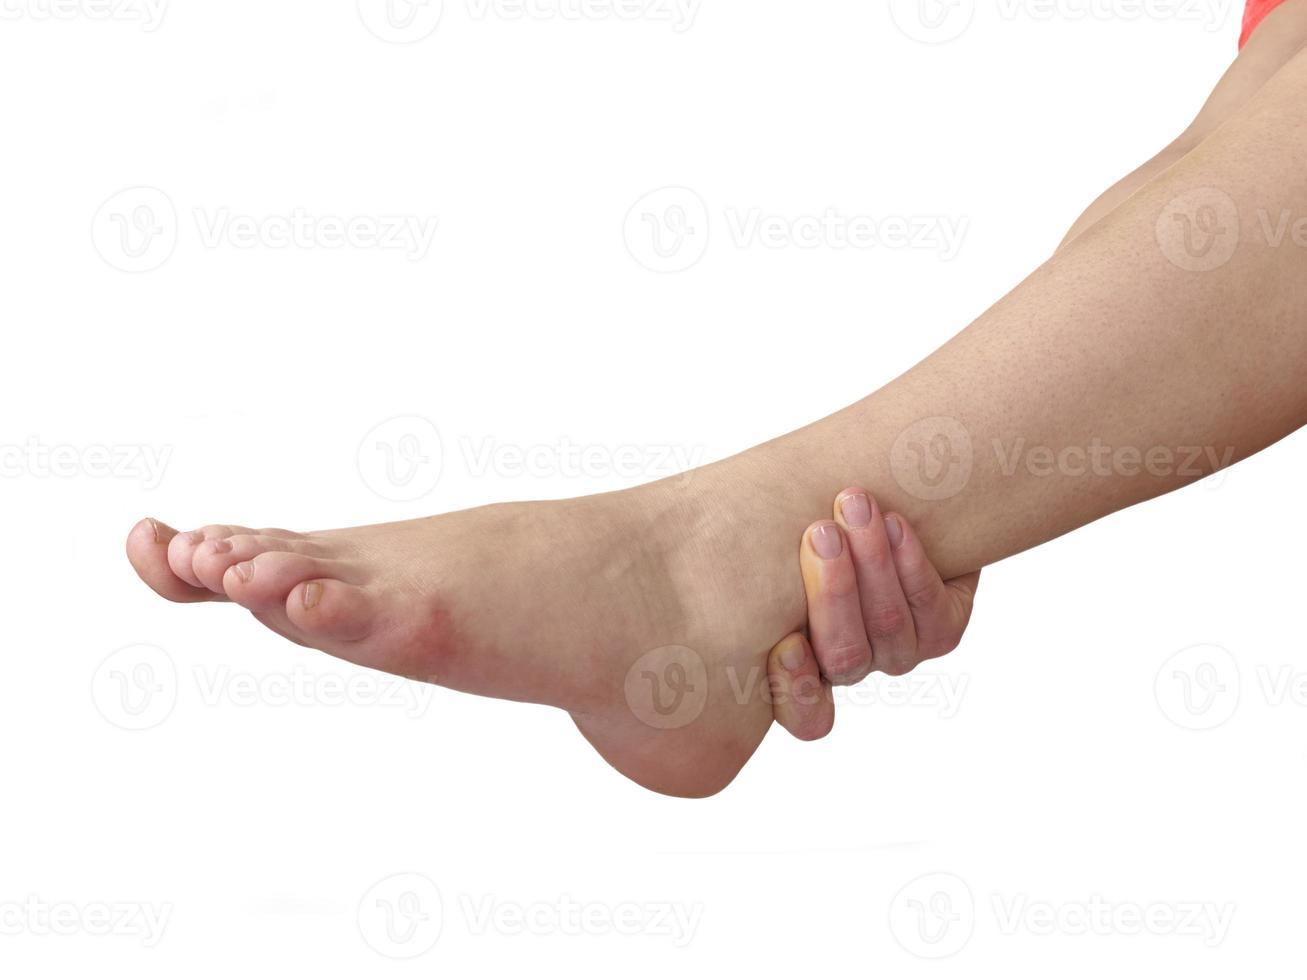 dolore acuto alla caviglia. foto